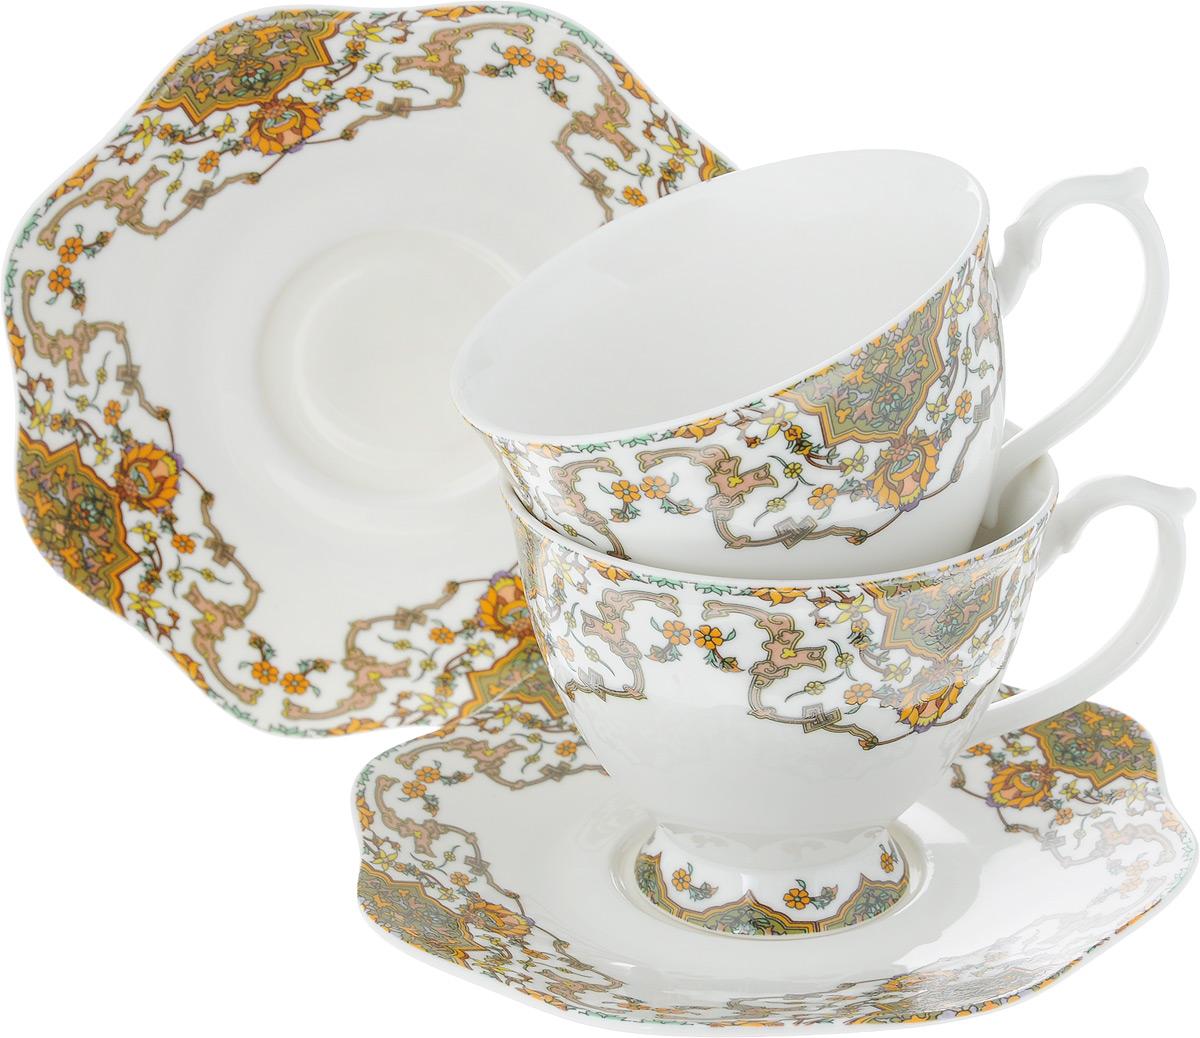 Набор чайный Loraine, 4 предмета. 2661726617Чайный набор Loraine на 2 персоны выполнен из высококачественного костяного фарфора - материала, безопасного для здоровья и надолго сохраняющего тепло напитка. В наборе 2 чашки и 2 блюдца. Несмотря на свою внешнюю хрупкость, каждый из предметов набора обладает высокой прочностью и надежностью.Изделия дополнены ярким красивым узором. Оригинальный дизайн сделает этот набор изысканным украшением любого стола.Набор упакован в подарочную коробку в форме сердца, поэтому его можно преподнести в качестве оригинального и практичного подарка для родных и близких.Объем чашки: 180 мл.Диаметр чашки (по верхнему краю): 8,5 см.Высота чашки: 7 см.Диаметр блюдца: 14 см.